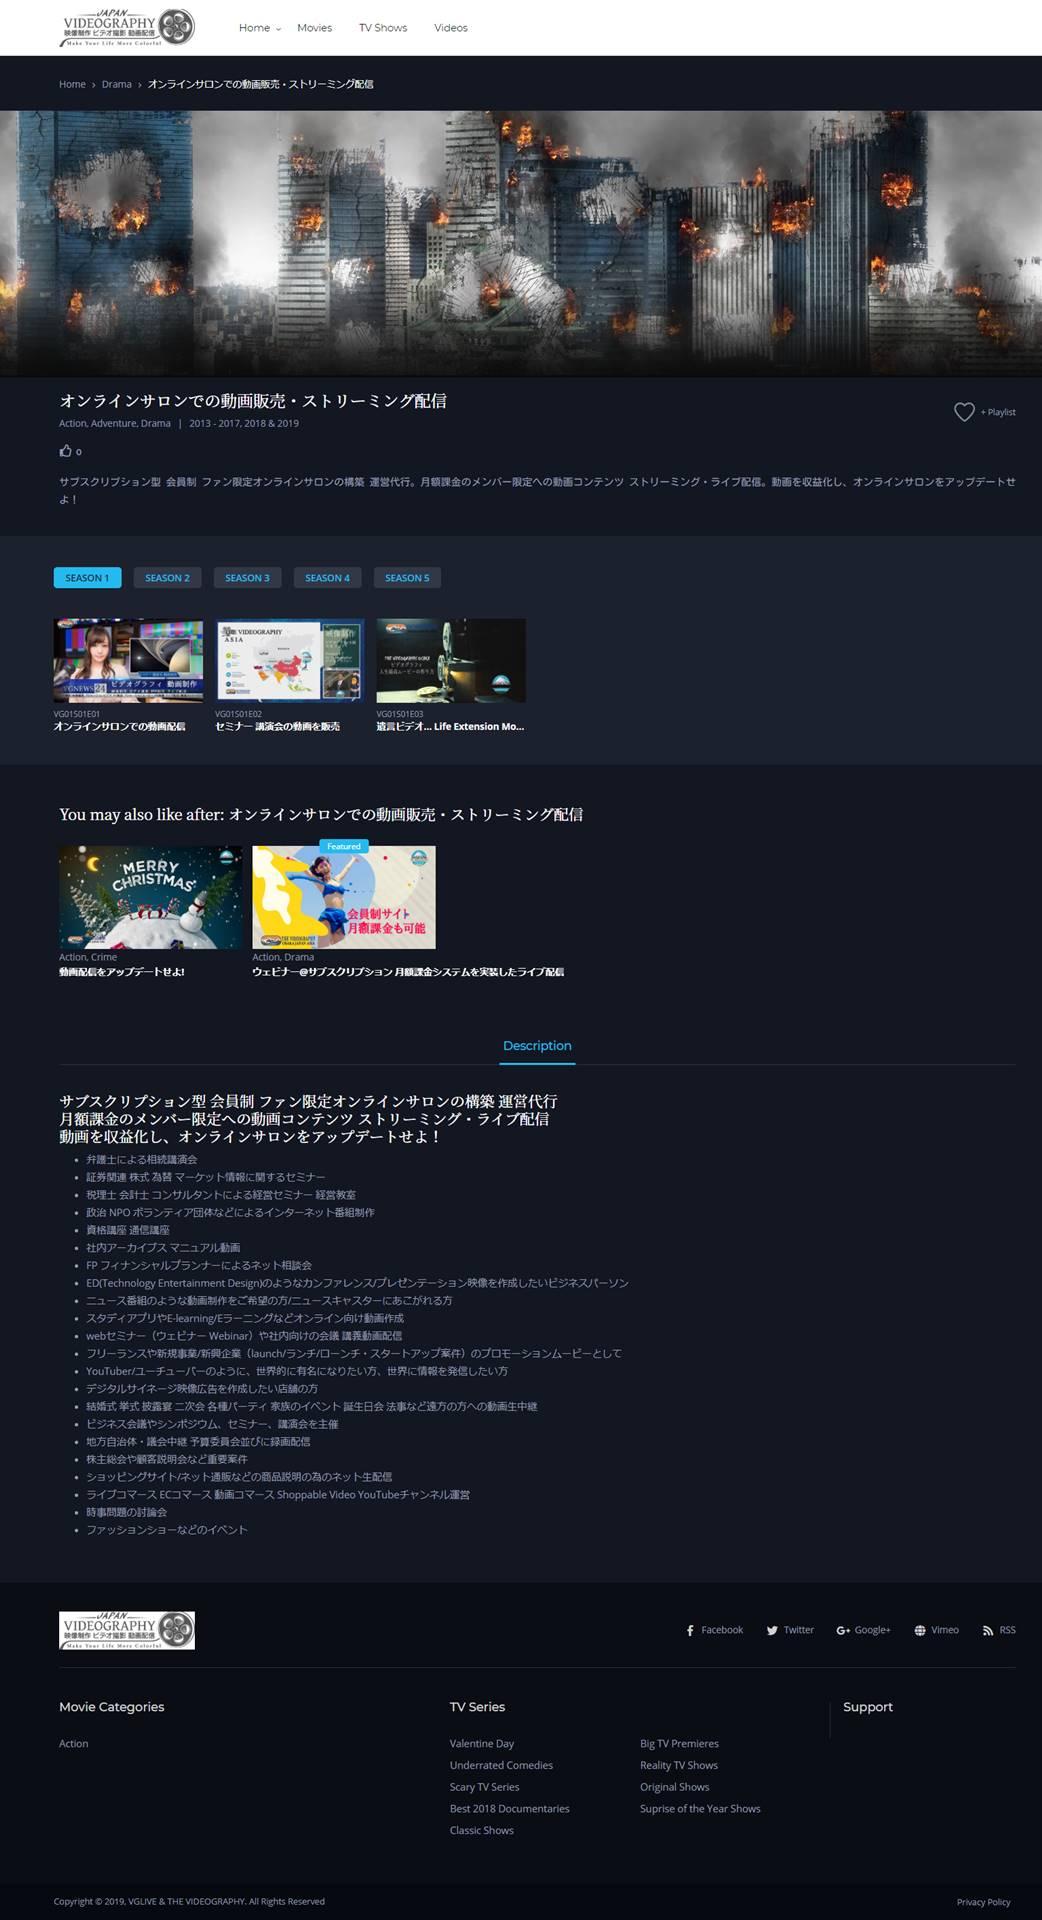 セミナー動画など多数の動画コンテンツをお持ちの方に最適な、シリーズ ・シーズンを表示可能なストリーミング販売可能なホームページ